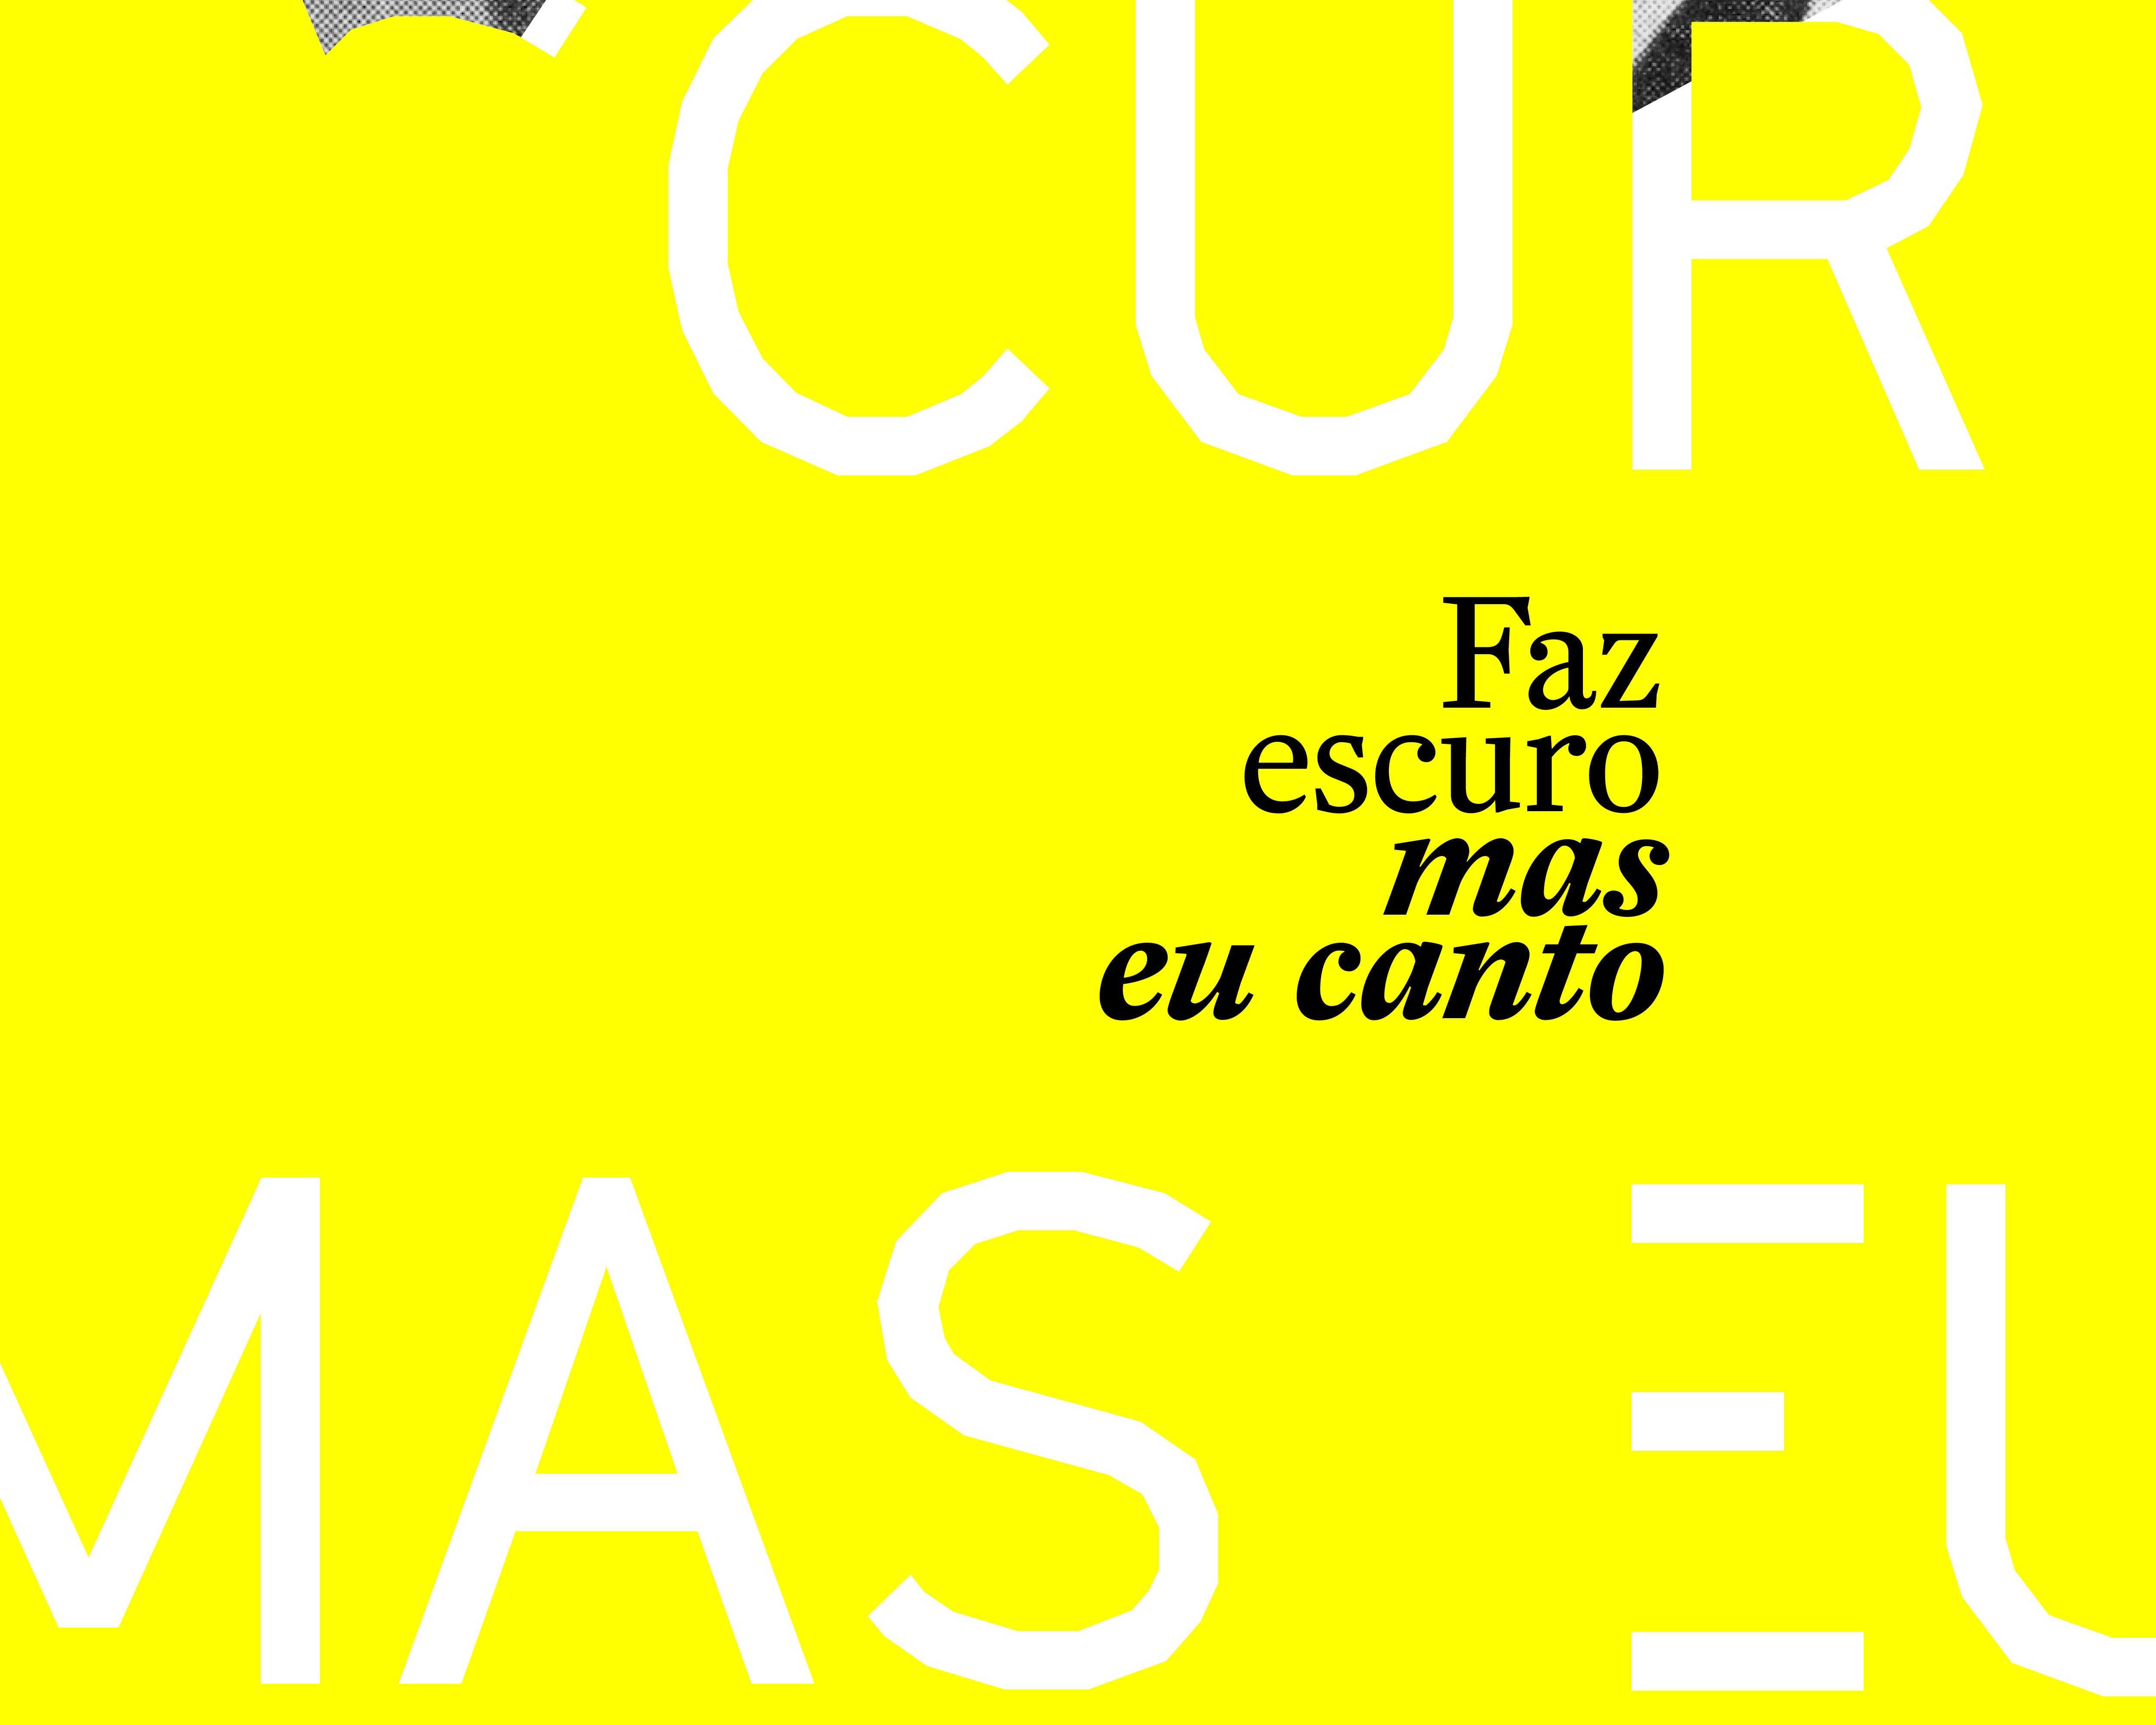 Saiba mais sobre a história do título da 34ª Bienal de São Paulo